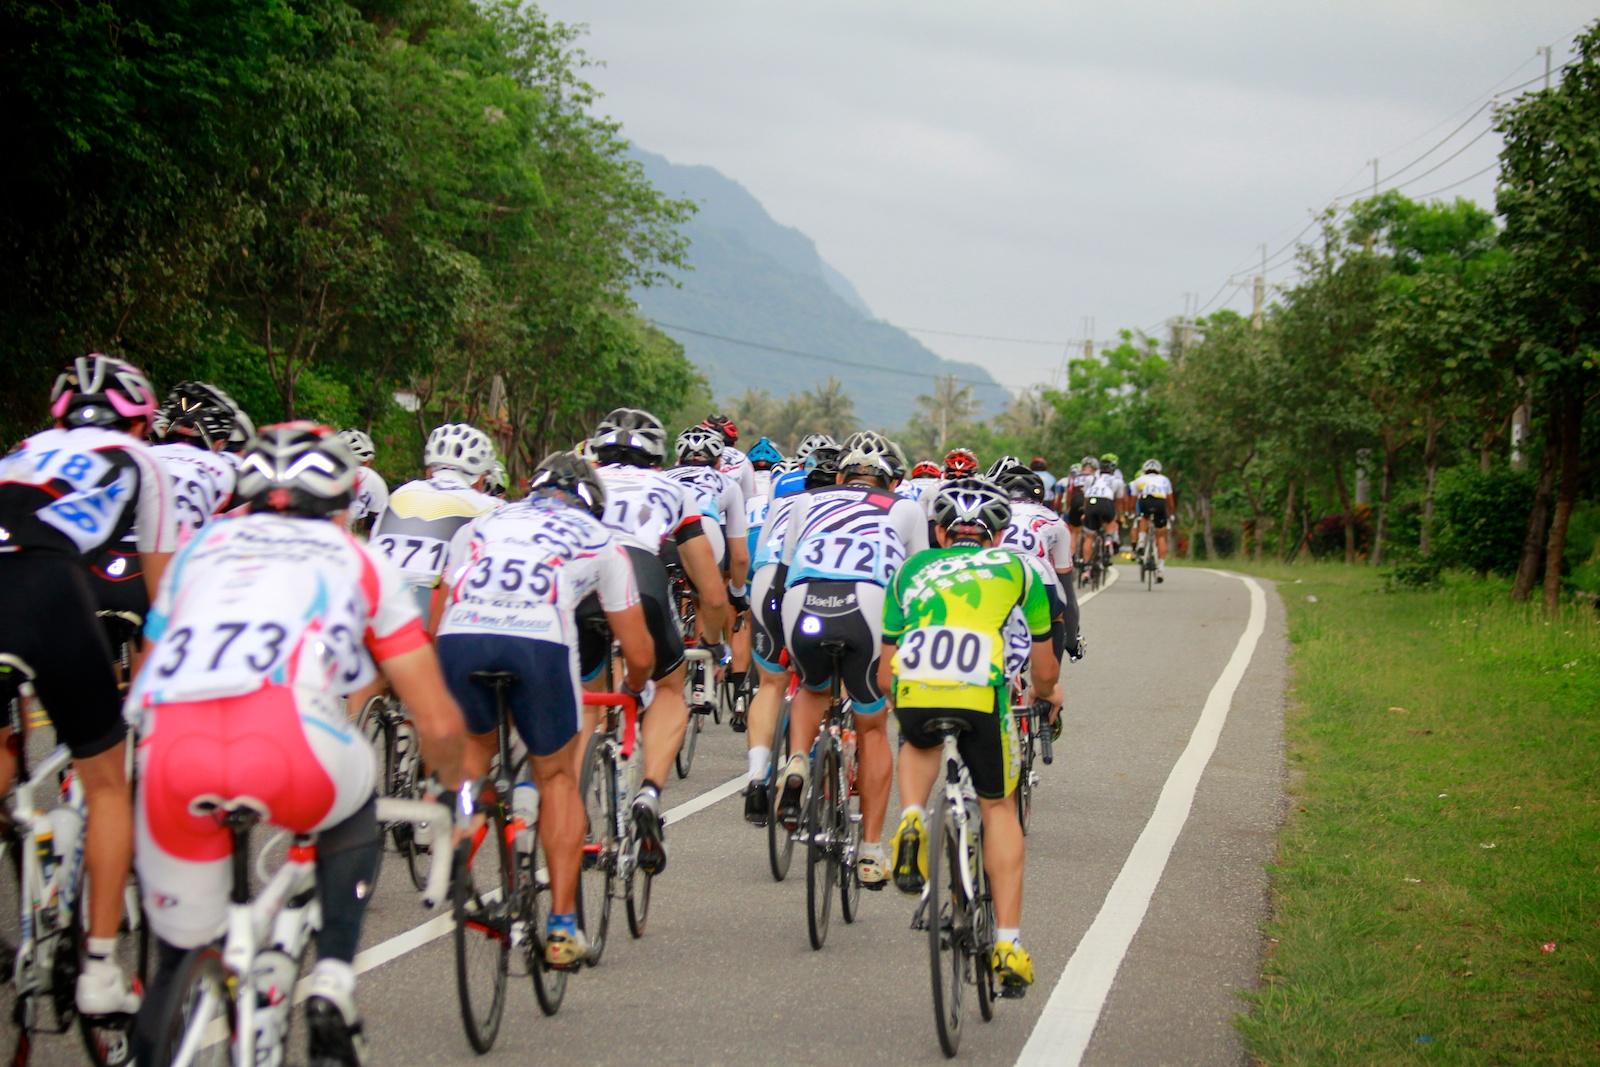 台湾でサイクリングを楽しもう!海と山と街と空、レッツ台湾ライド!